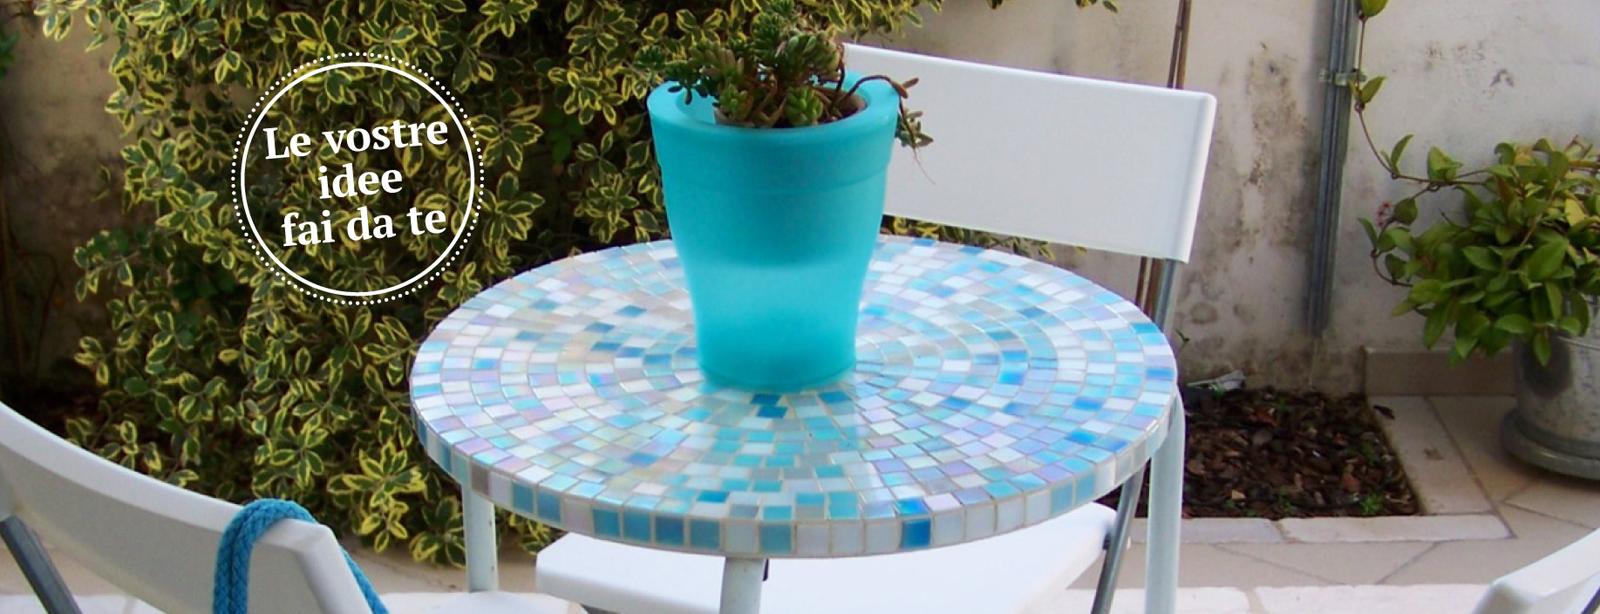 Tavolino a mosaico per l 39 estate cose di casa for Cose per giardino